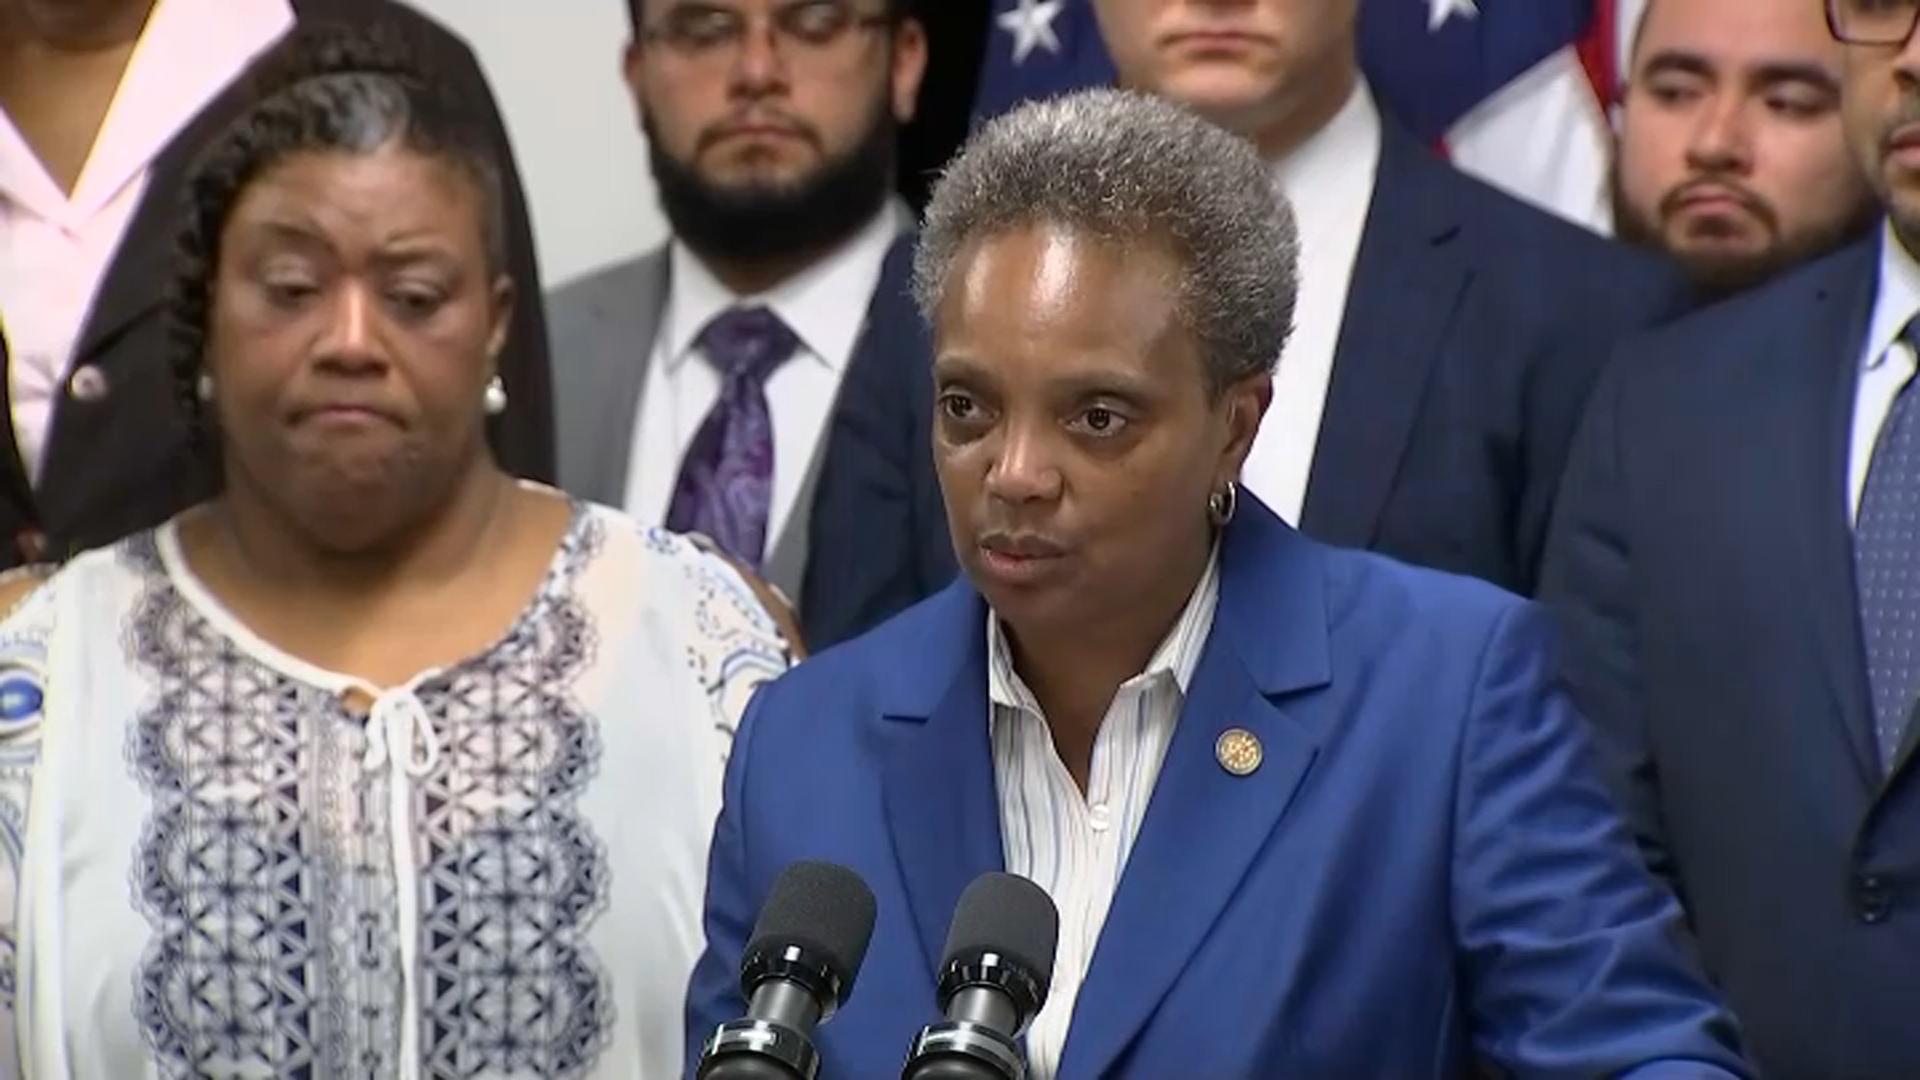 Burmistrz Lori Lightfoot wprowadza zmiany w systemie opłat i kar